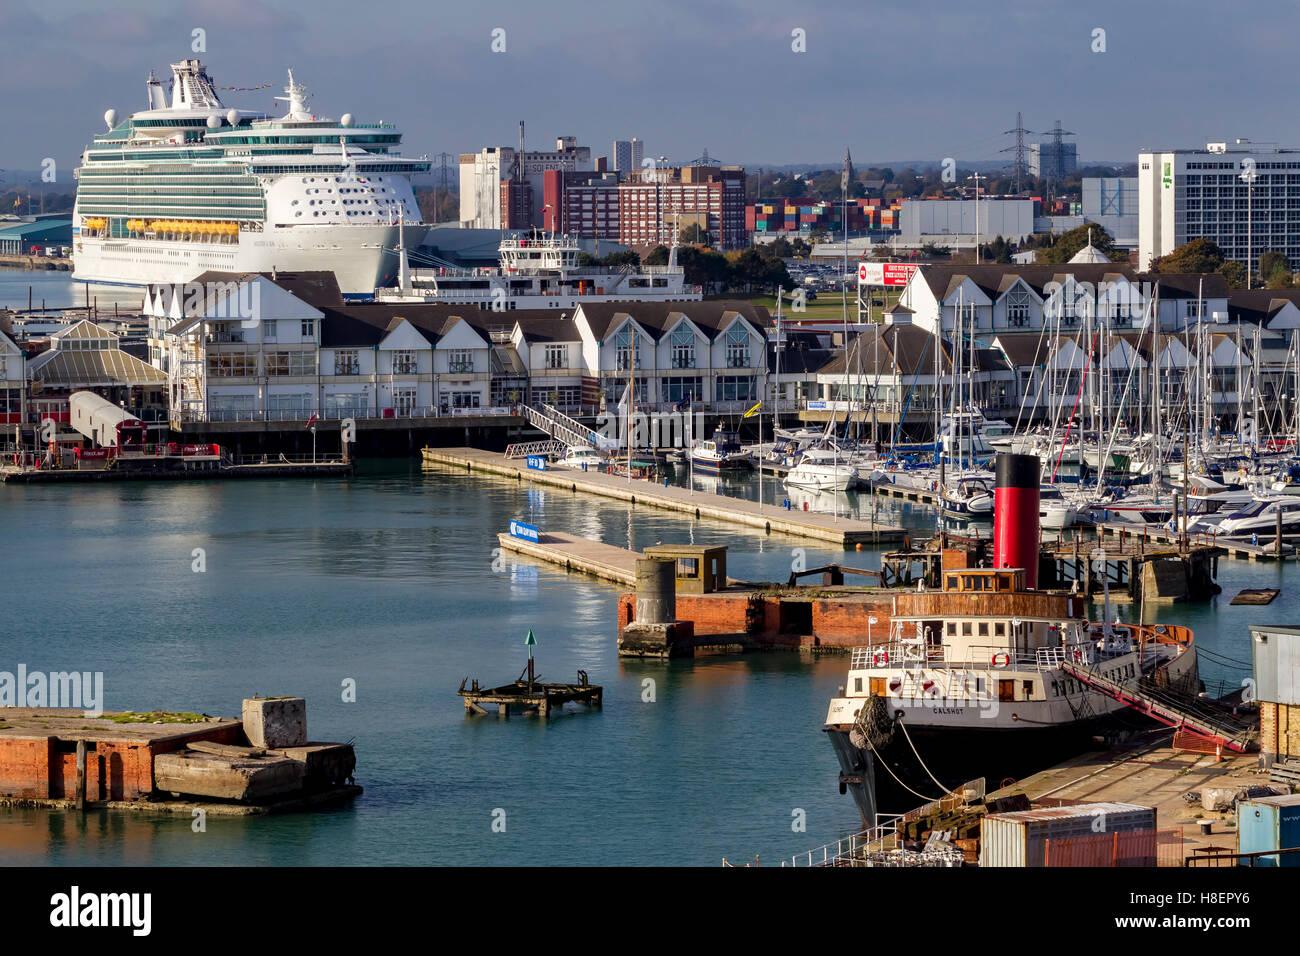 Veteran tug boat Calshot moored in Southampton, u.k. - Stock Image